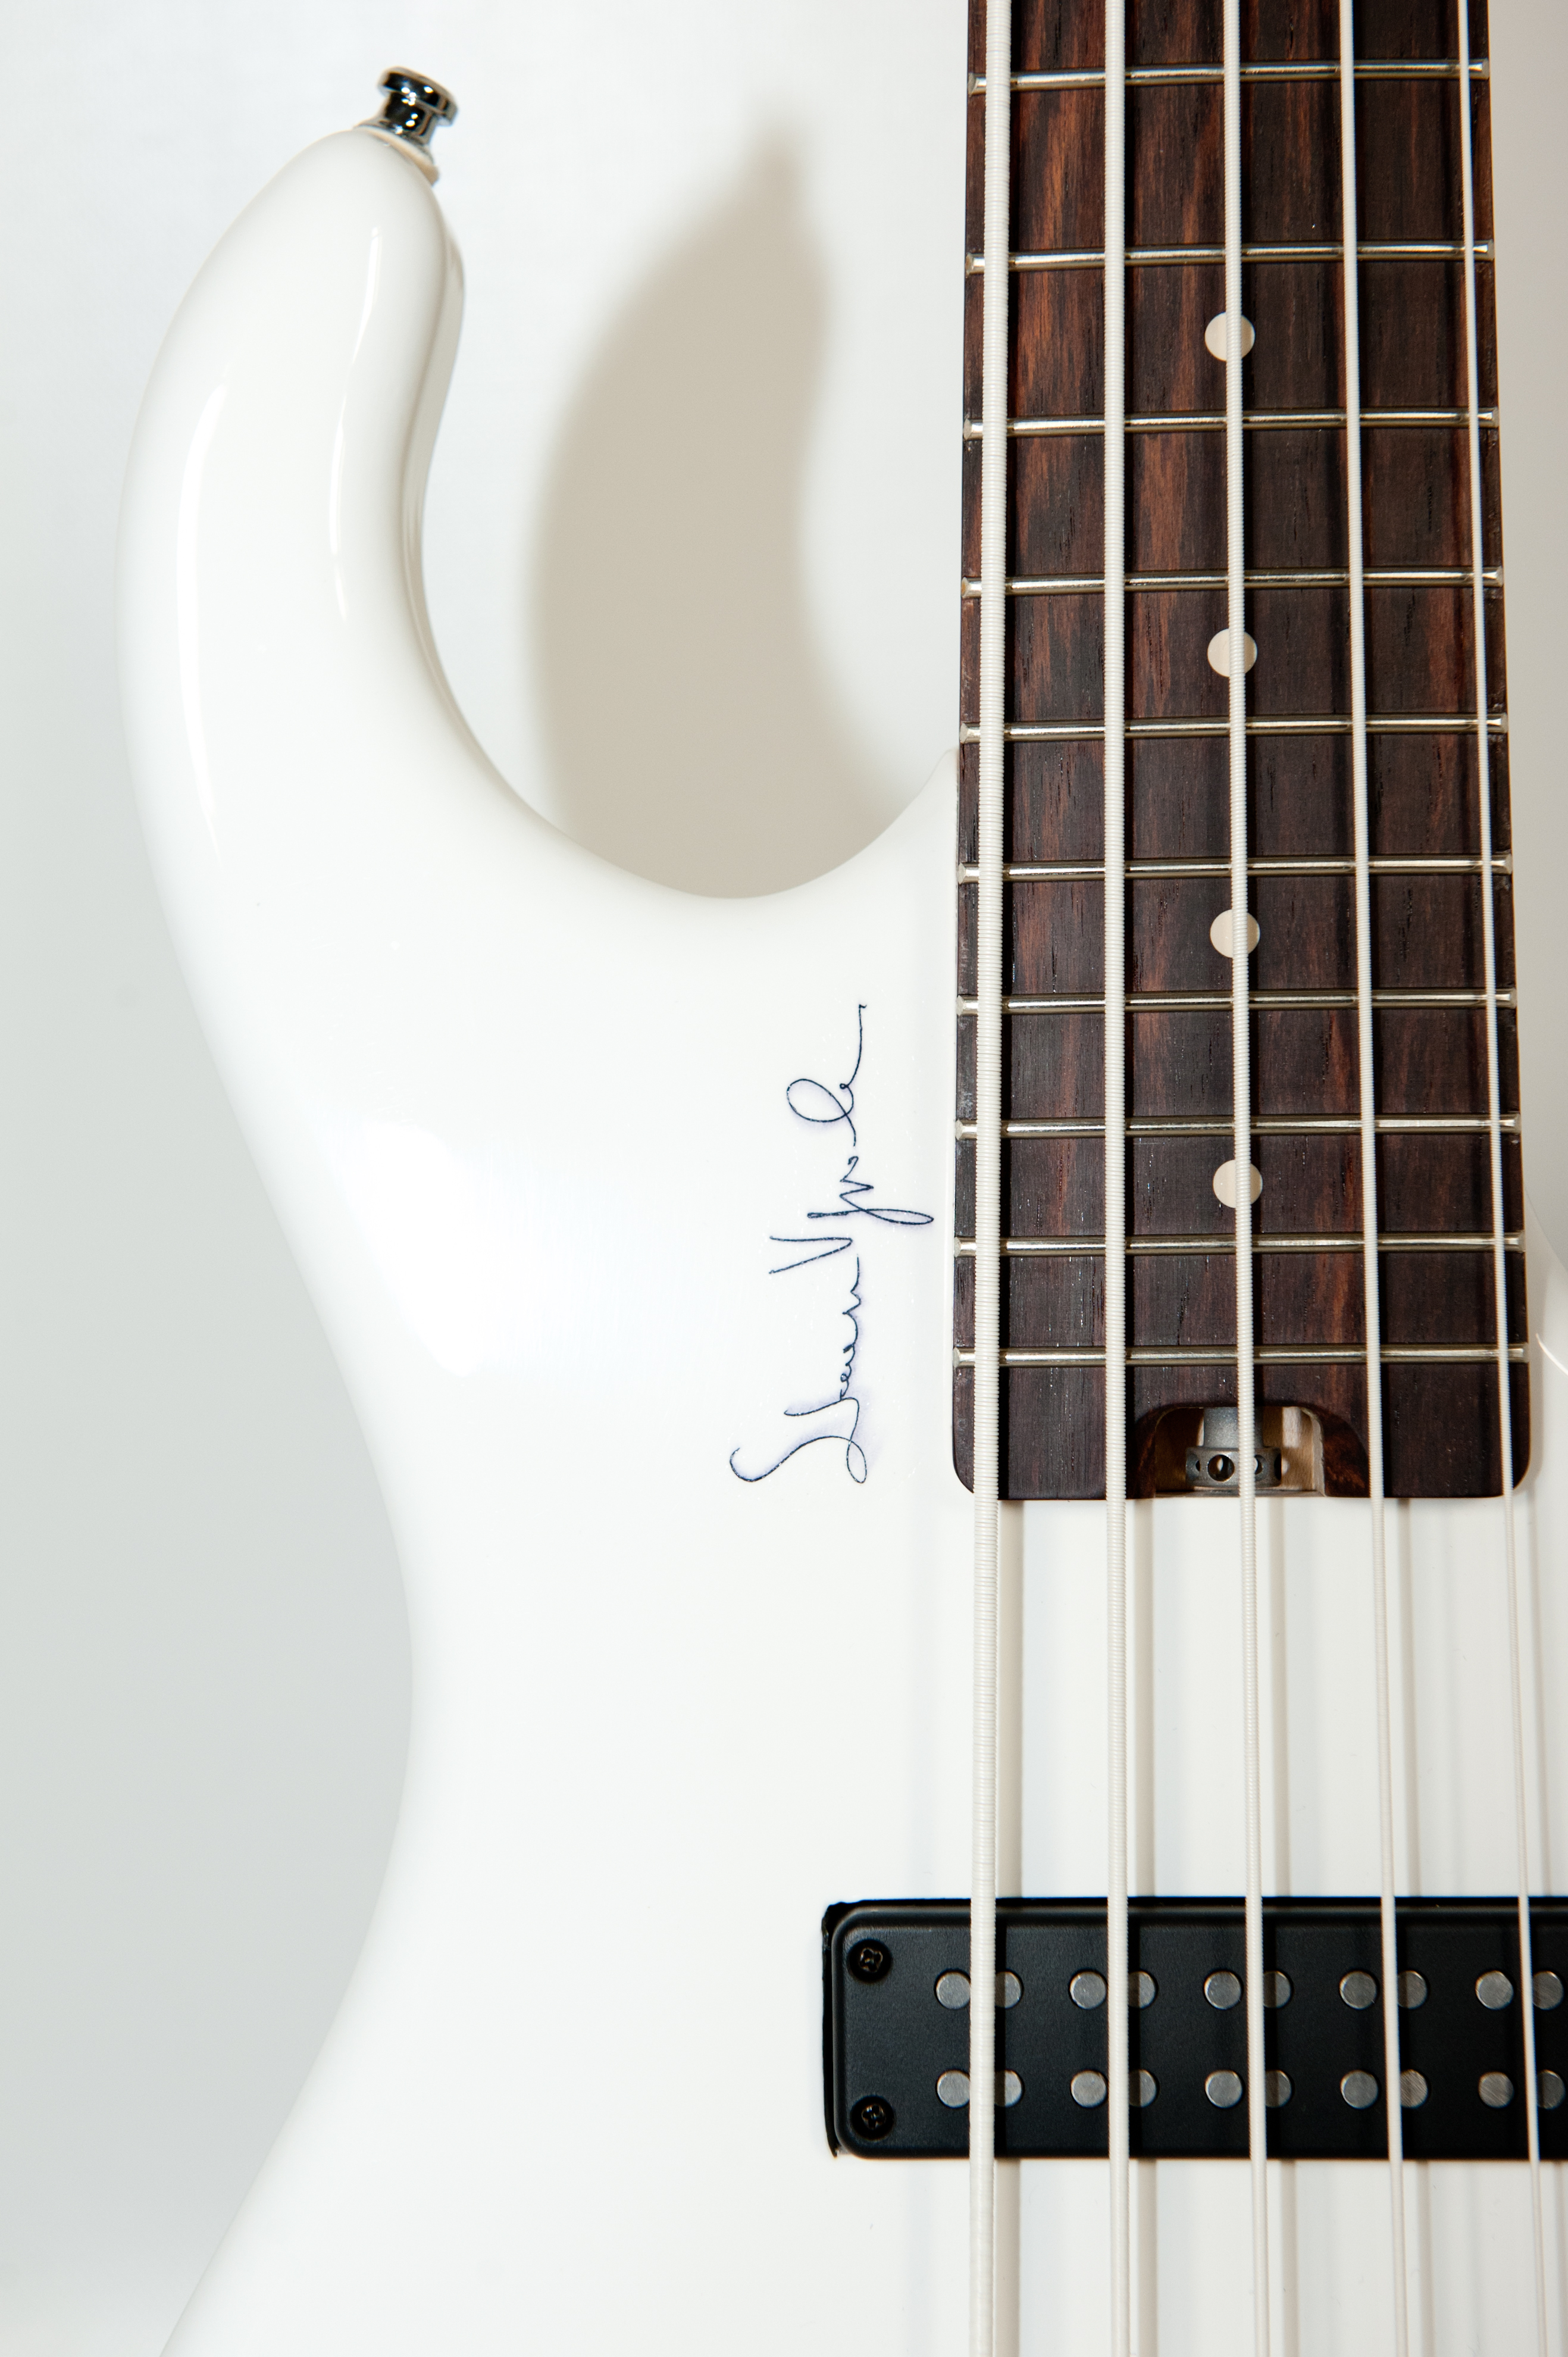 M2 Guitars Simone Vignola Signature